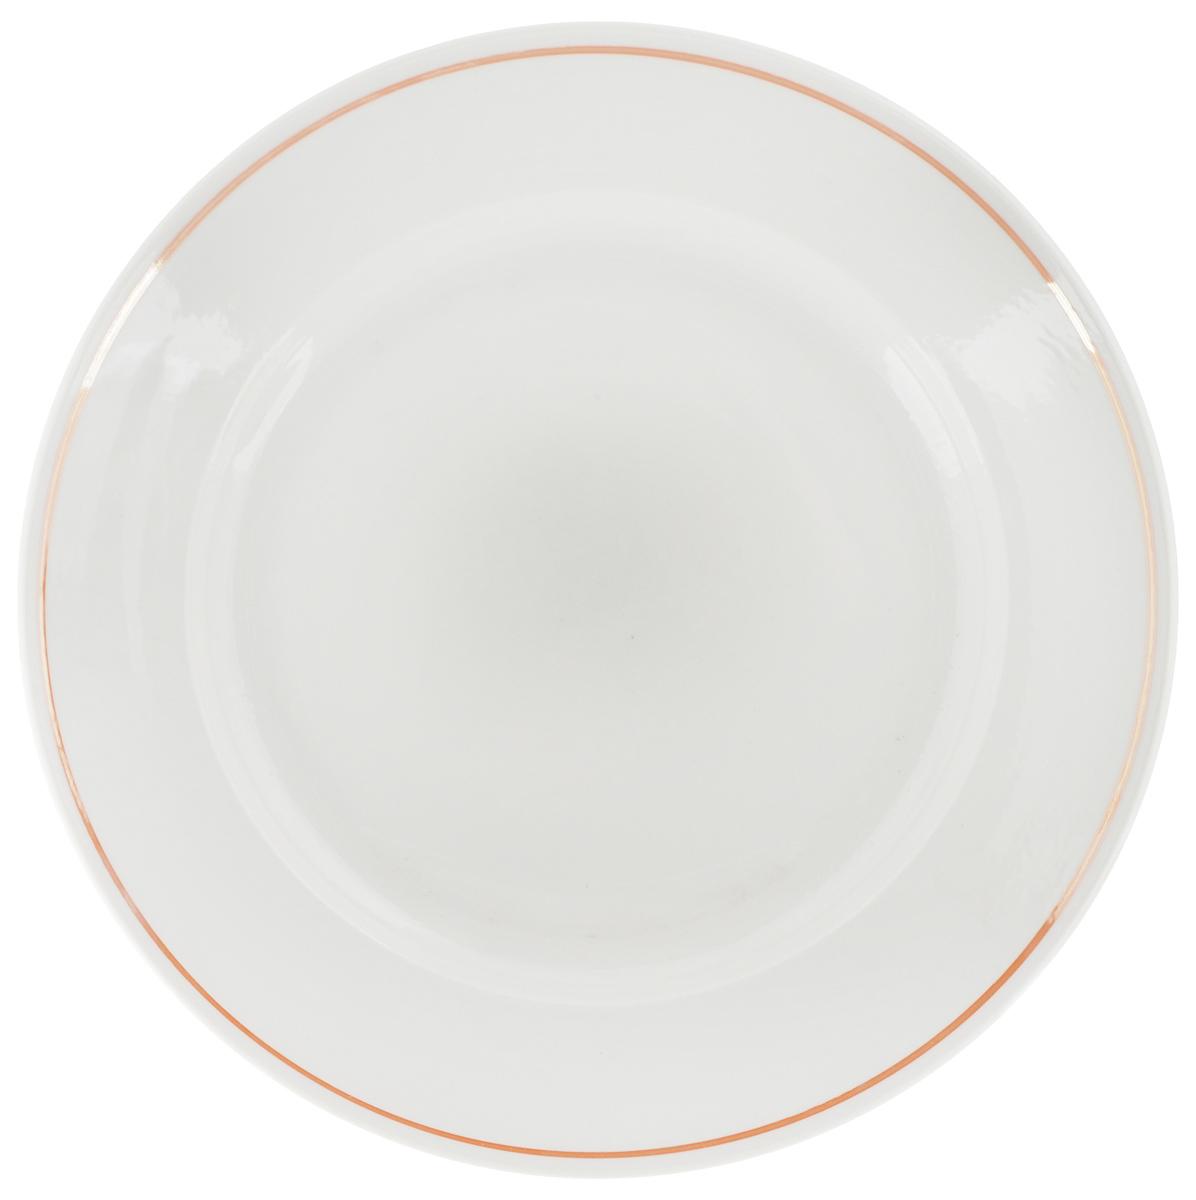 Тарелка Фарфор Вербилок, цвет: белый, коричневый, диаметр 23,5 смAVSARN11030Тарелка Фарфор Вербилок, изготовленная из высококачественного фарфора, имеет классическую круглую форму. Оригинальный дизайн придется по вкусу и ценителям классики, и тем, кто предпочитает утонченность. Тарелка Фарфор Вербилок идеально подойдет для сервировки стола и станет отличным подарком к любому празднику.